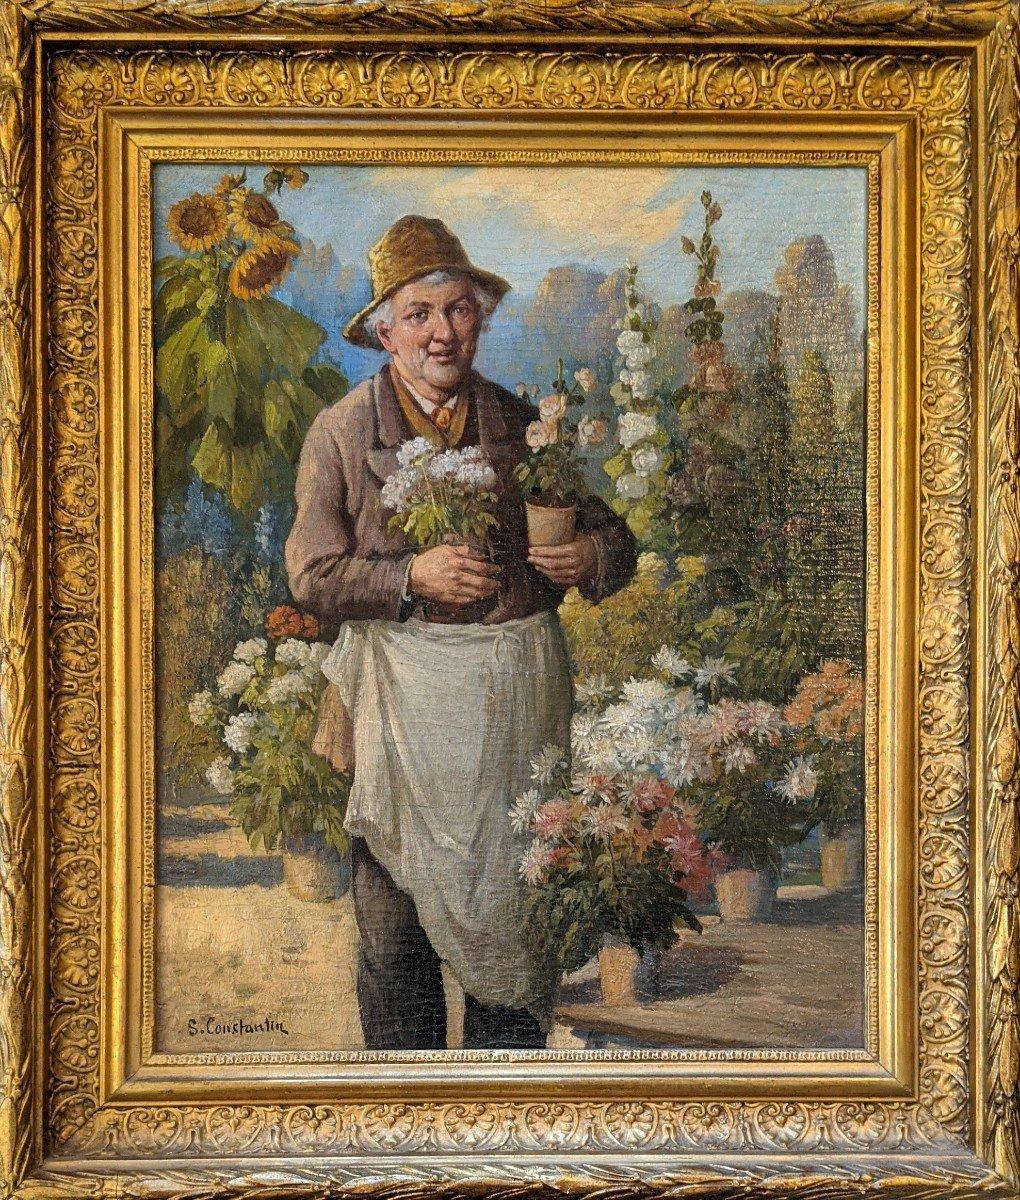 Le Jardinier signé Constantin